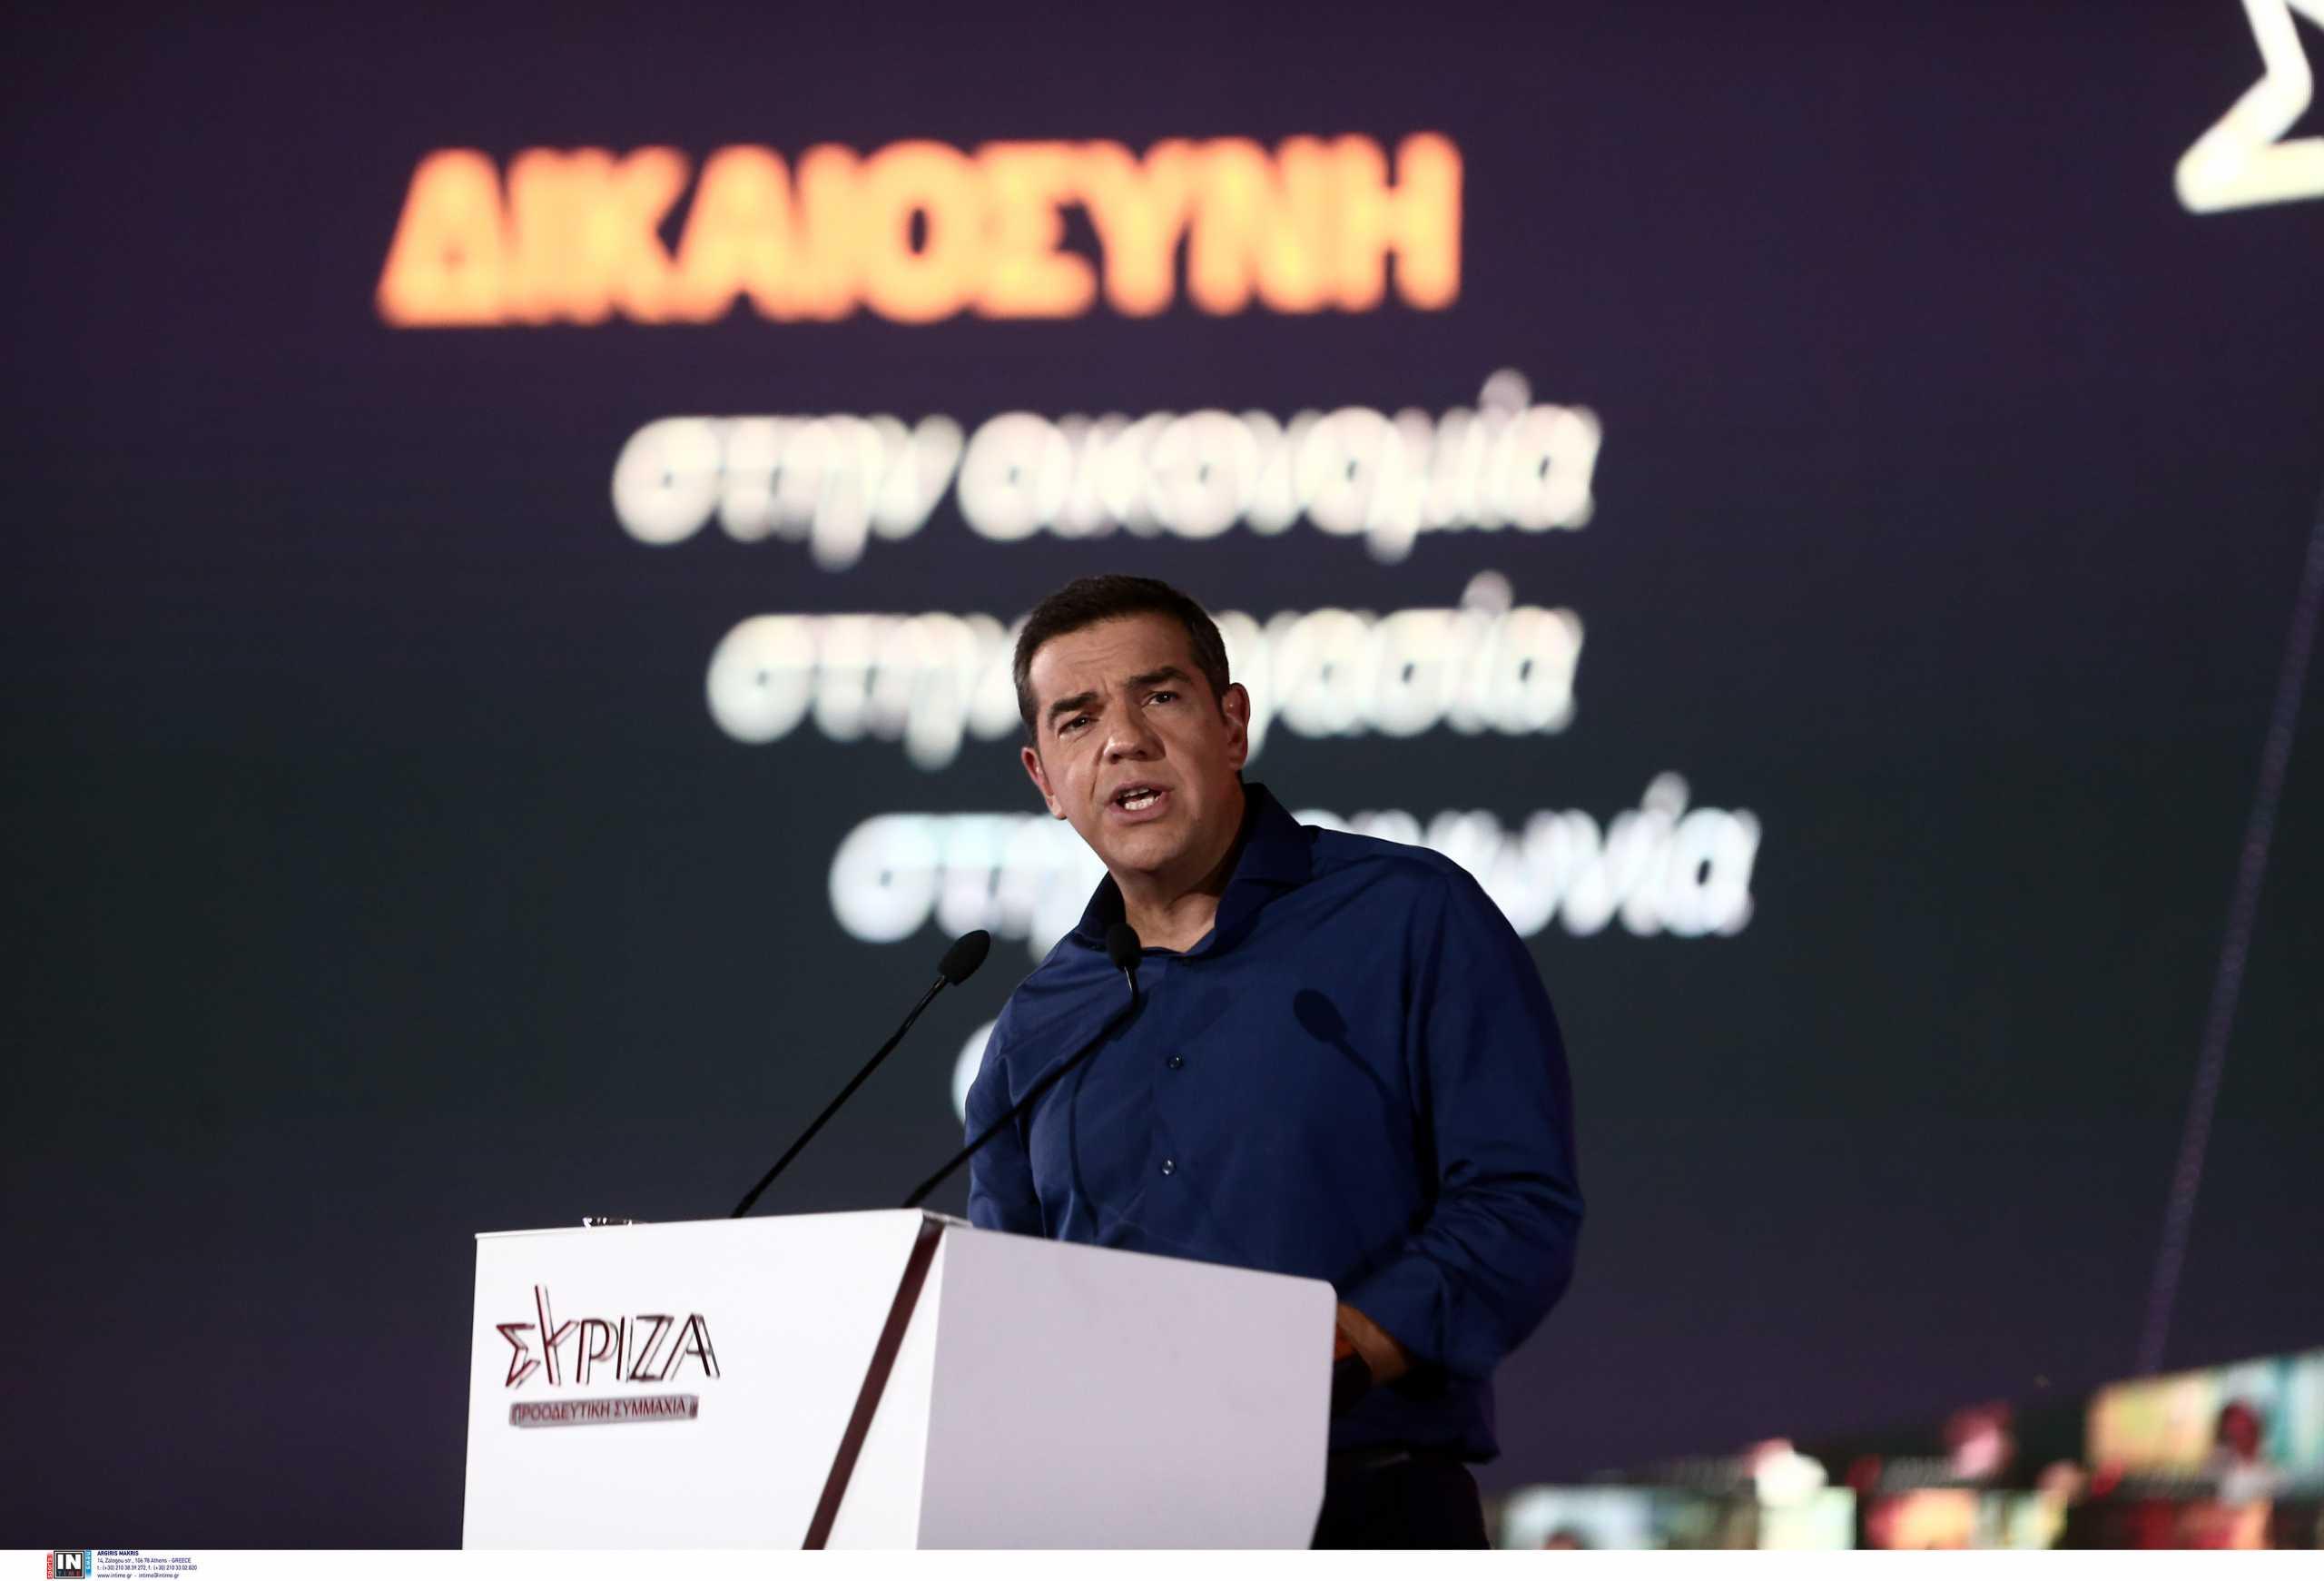 Συνδιάσκεψη ΣΥΡΙΖΑ: LIVE η ομιλία του Αλέξη Τσίπρα